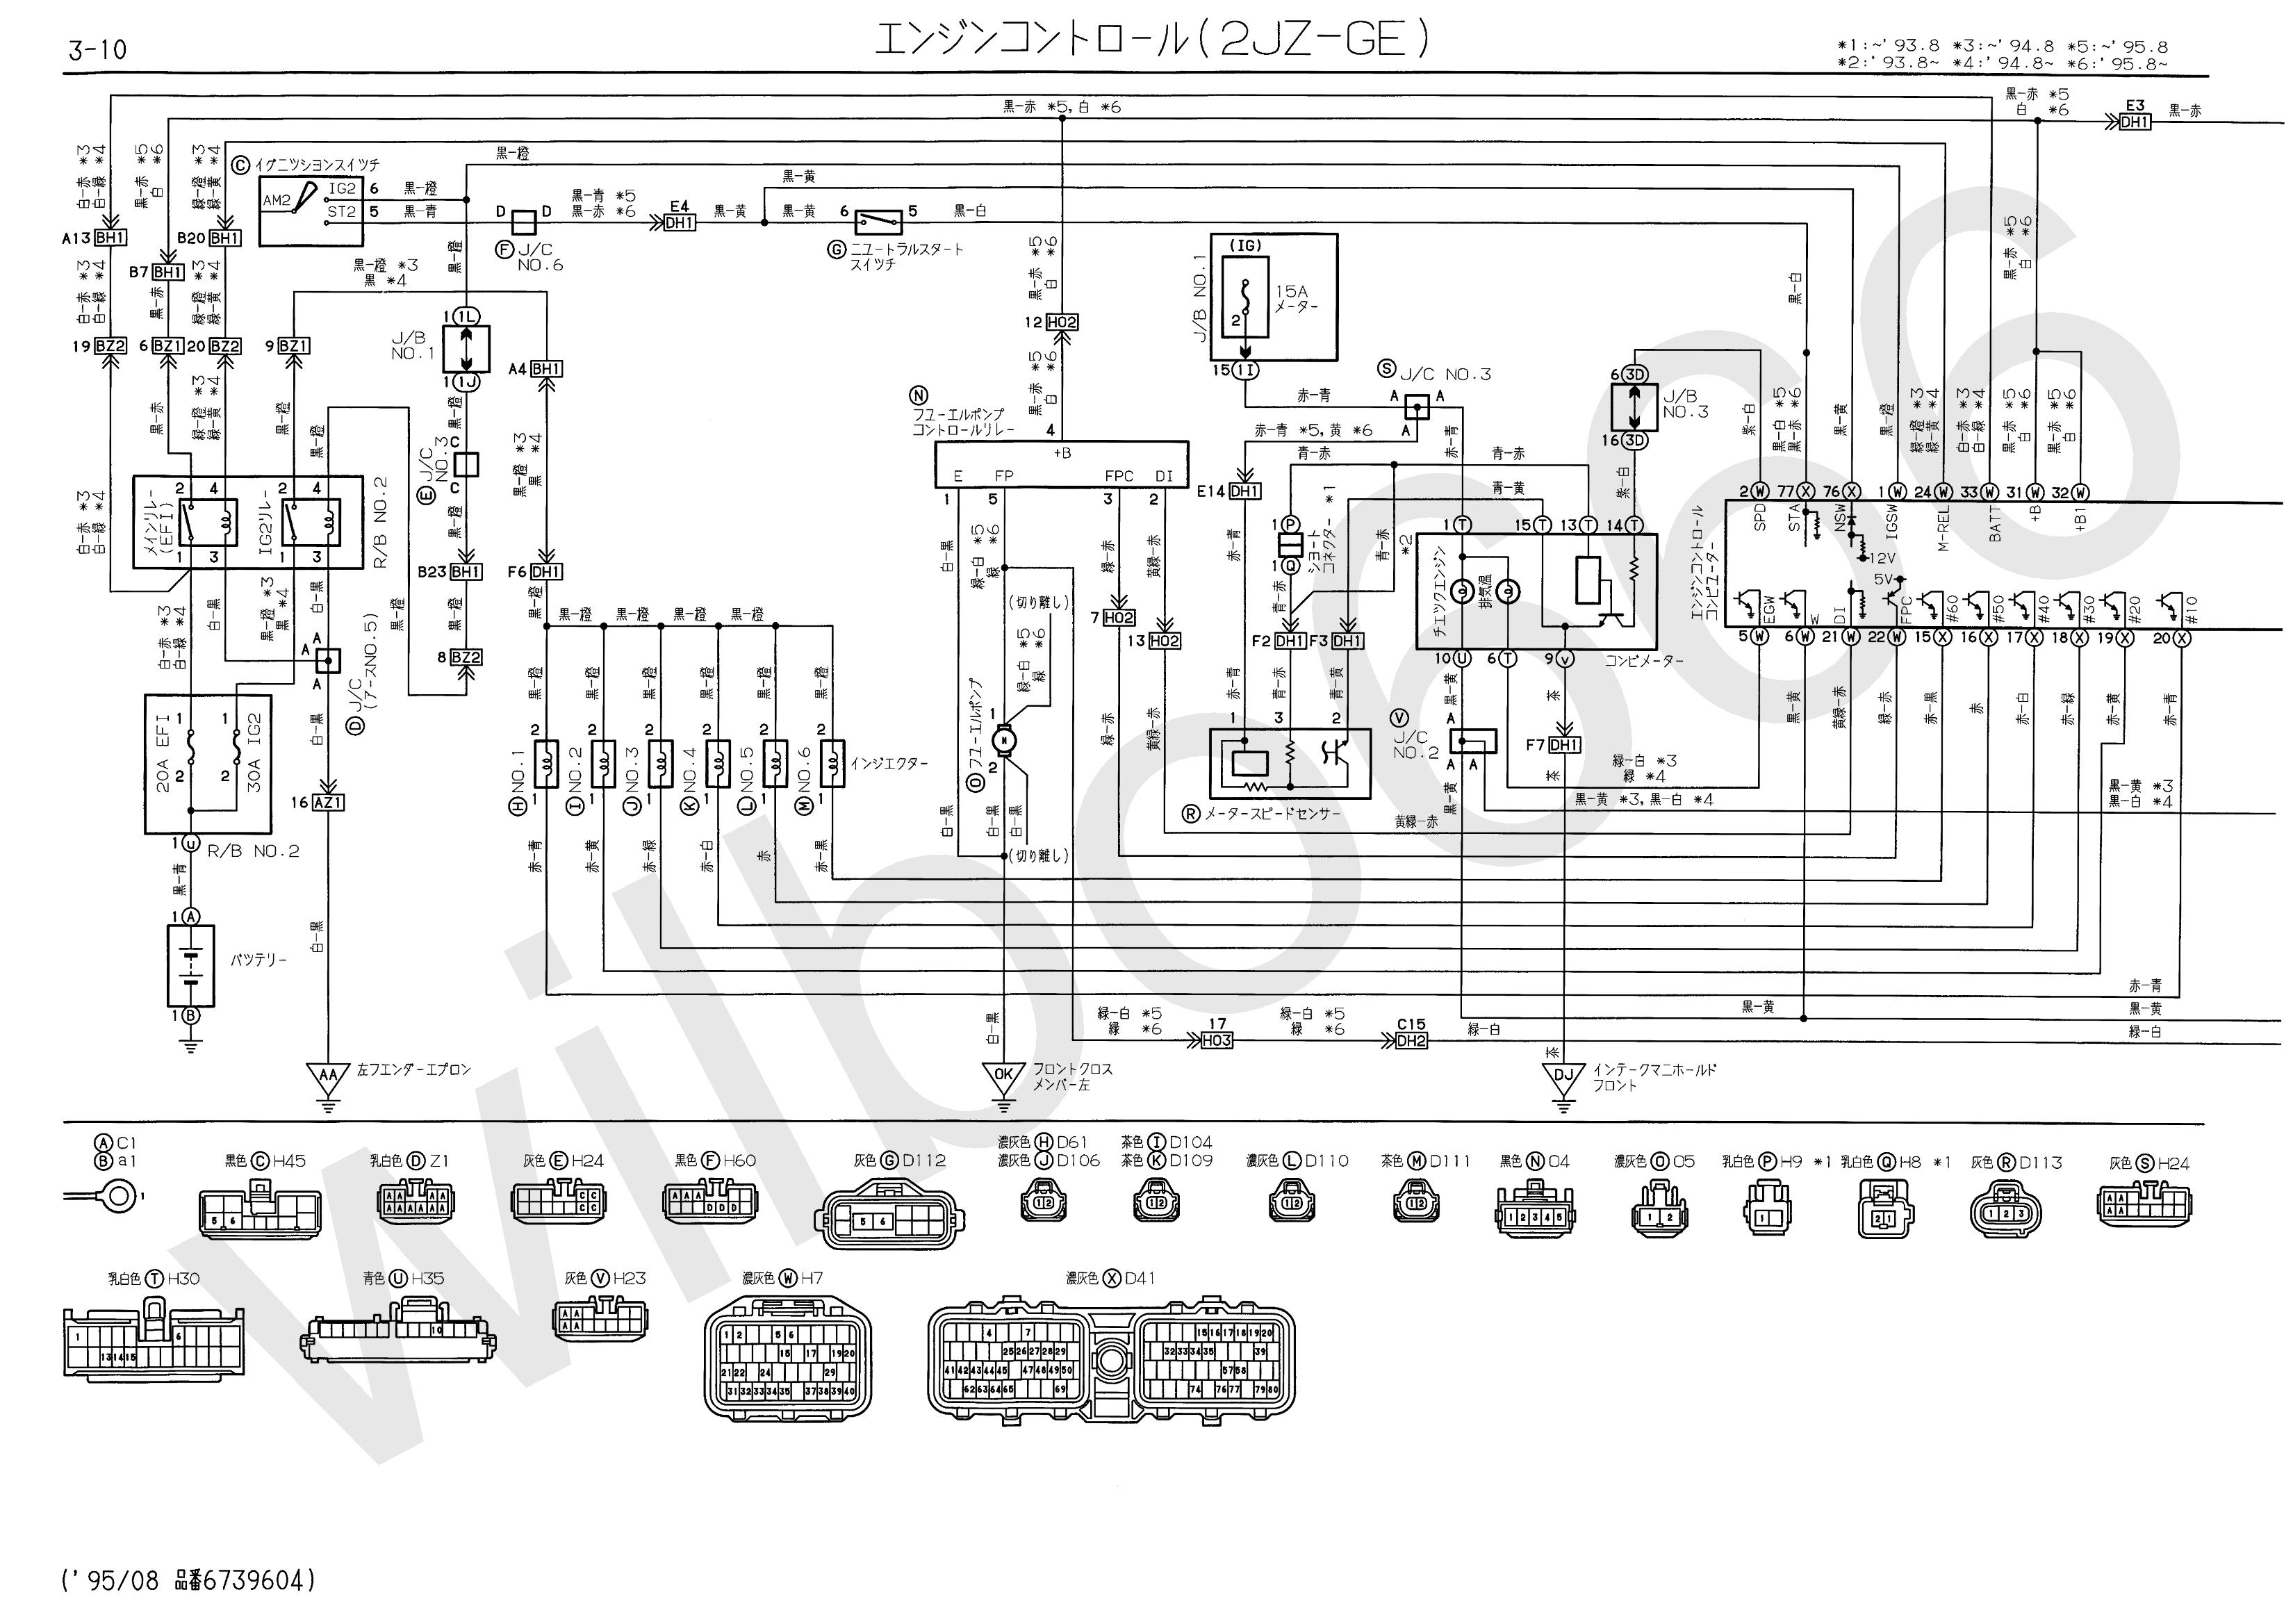 Outstanding Wrg 6273 Simon Xt Wiring Diagram Wiring Cloud Uslyletkolfr09Org